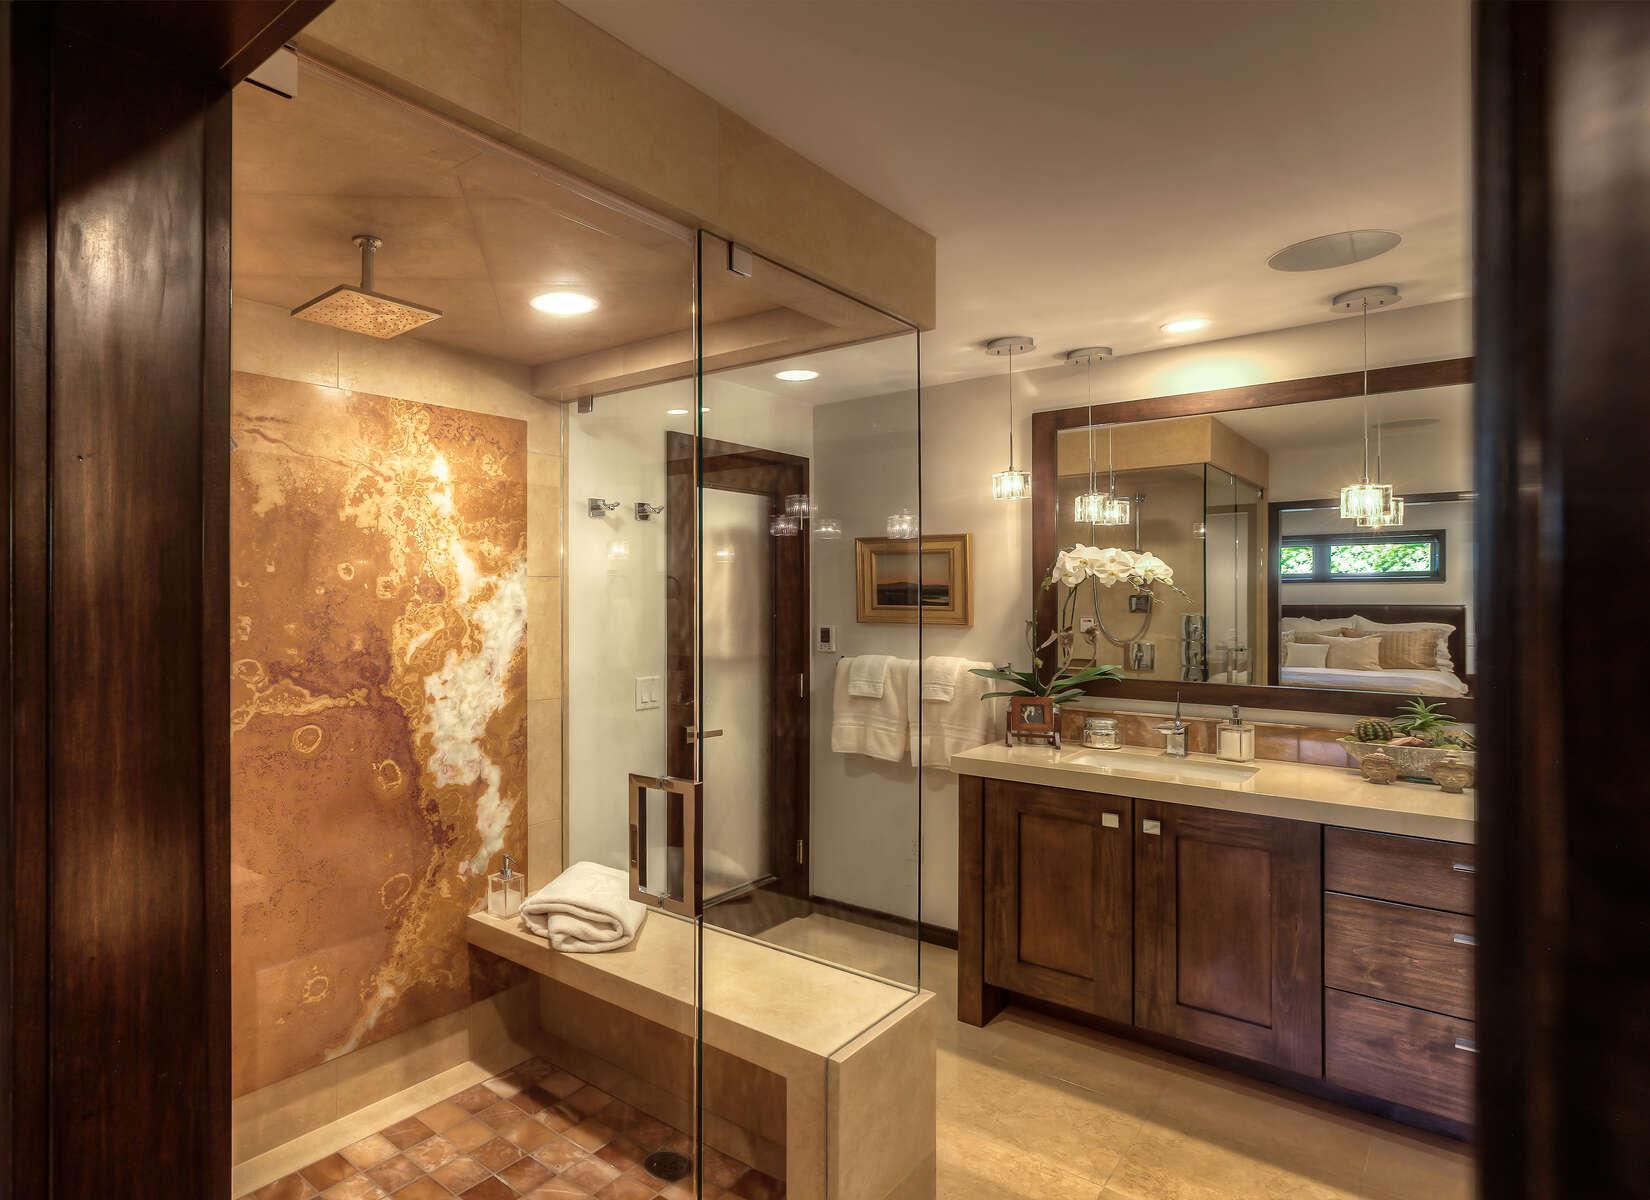 Doug-Knight-Home-3712-11_E0E7811_Master-Bathroom